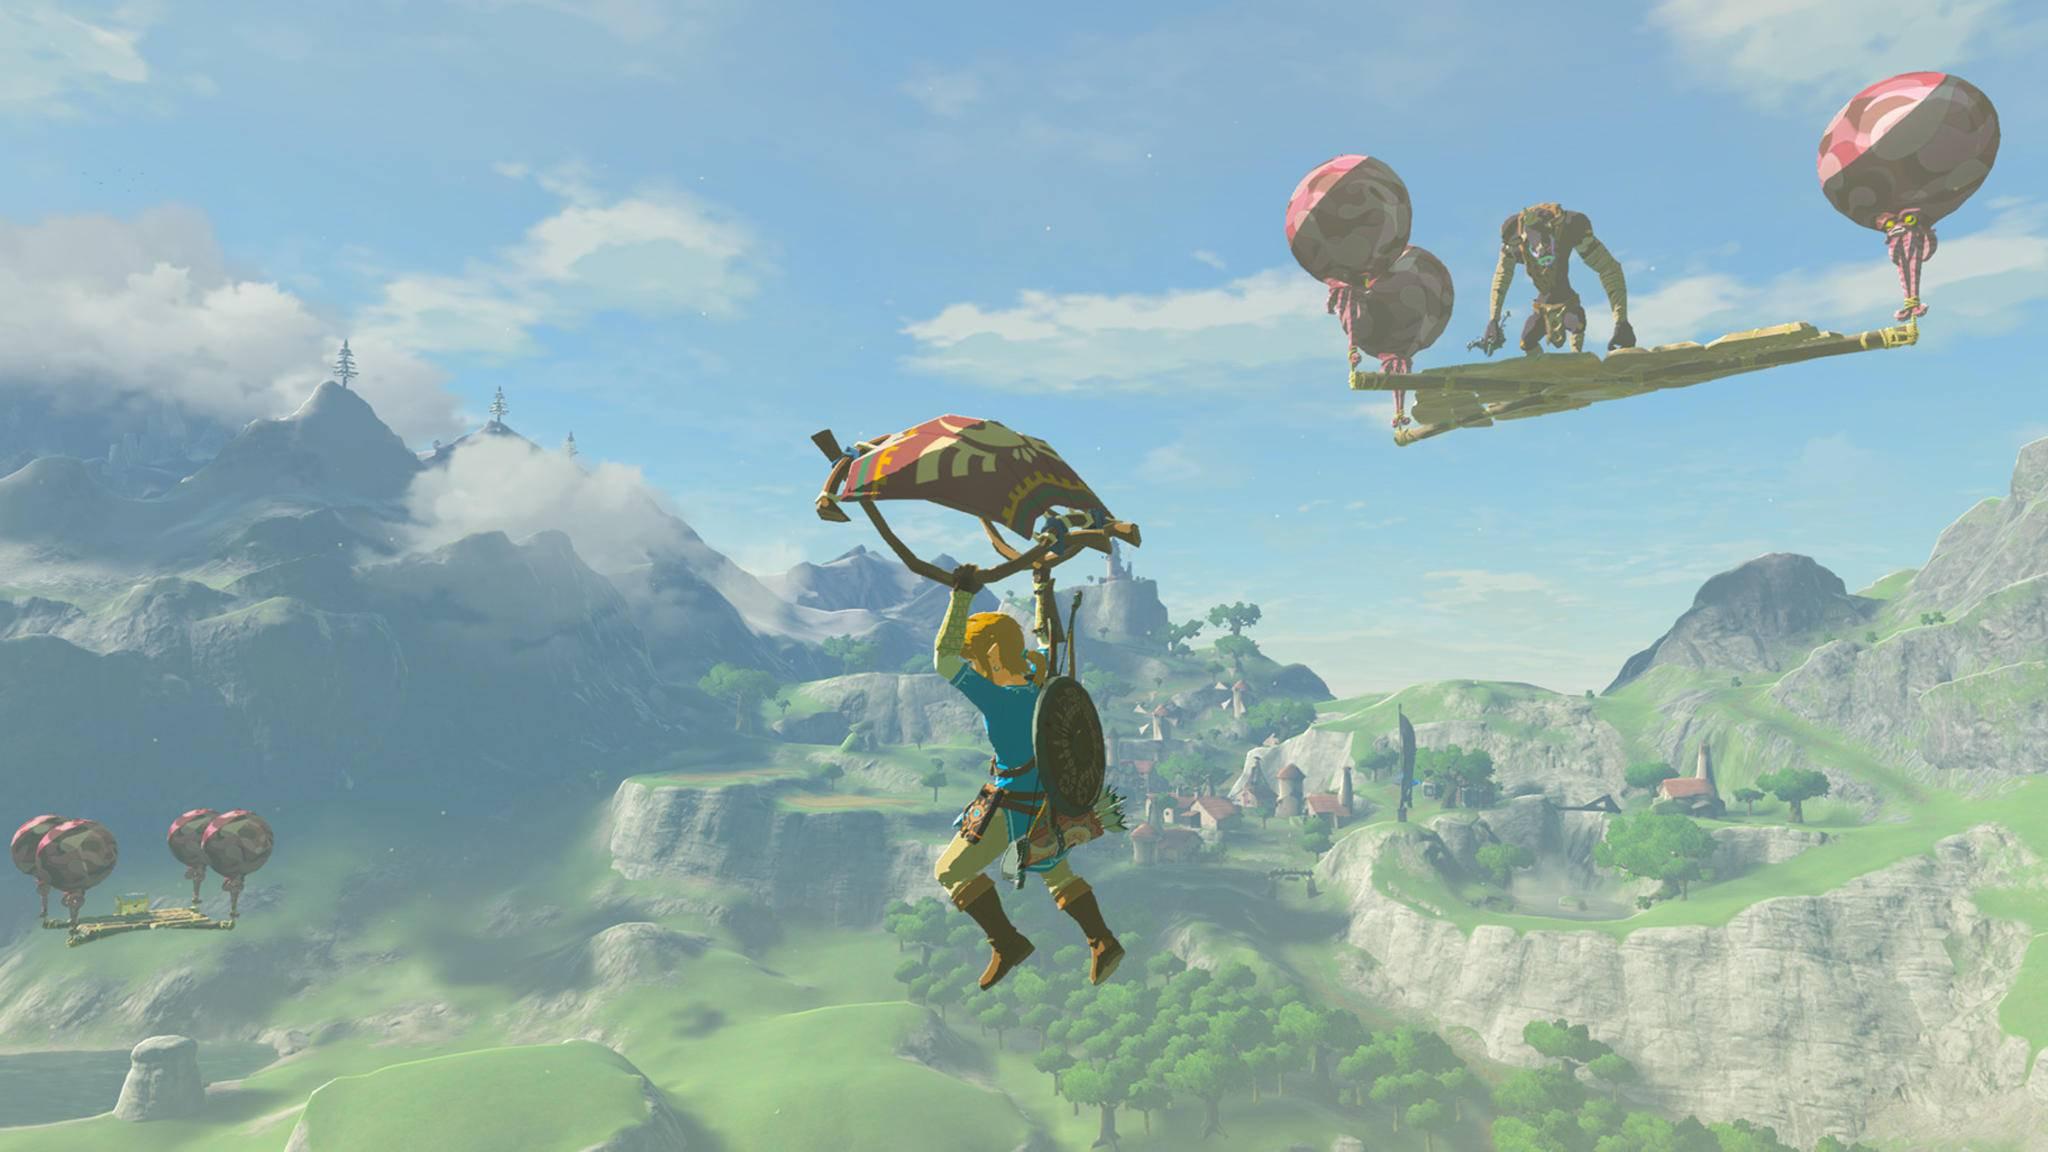 Link segelt neuen Abenteuern entgegen, die er vielleicht erneut auf der Nintendo Switch erleben wird.